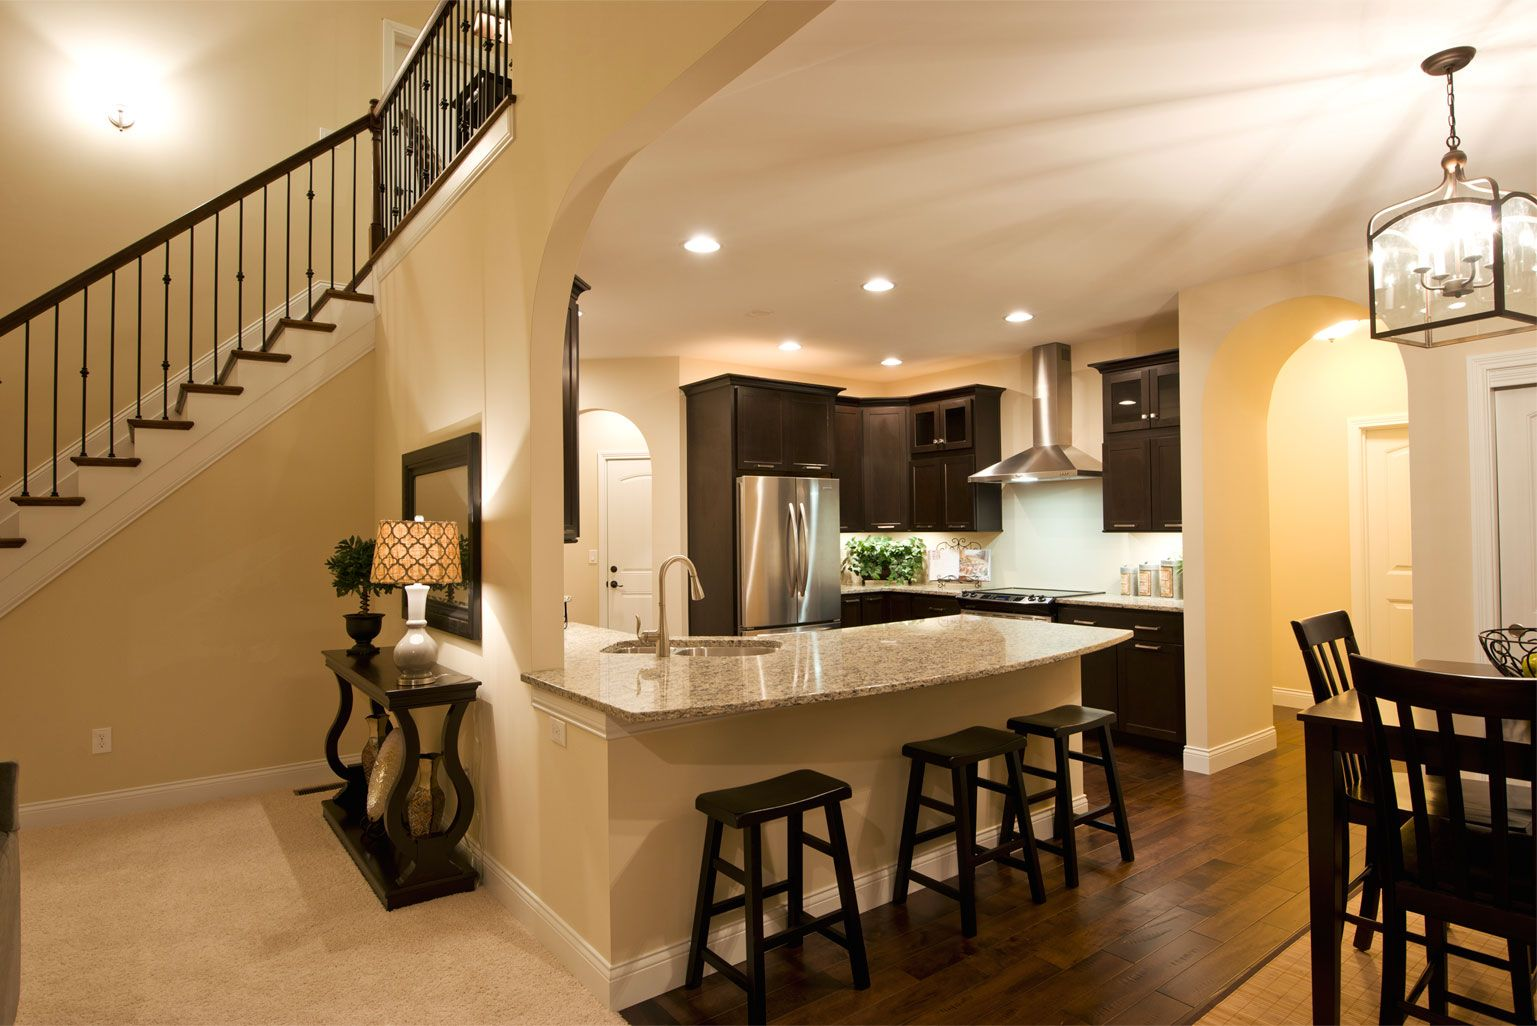 Model Homes Kitchens Home Builders In Cincinnati Custom Home Gallery Kitchens Pinterest